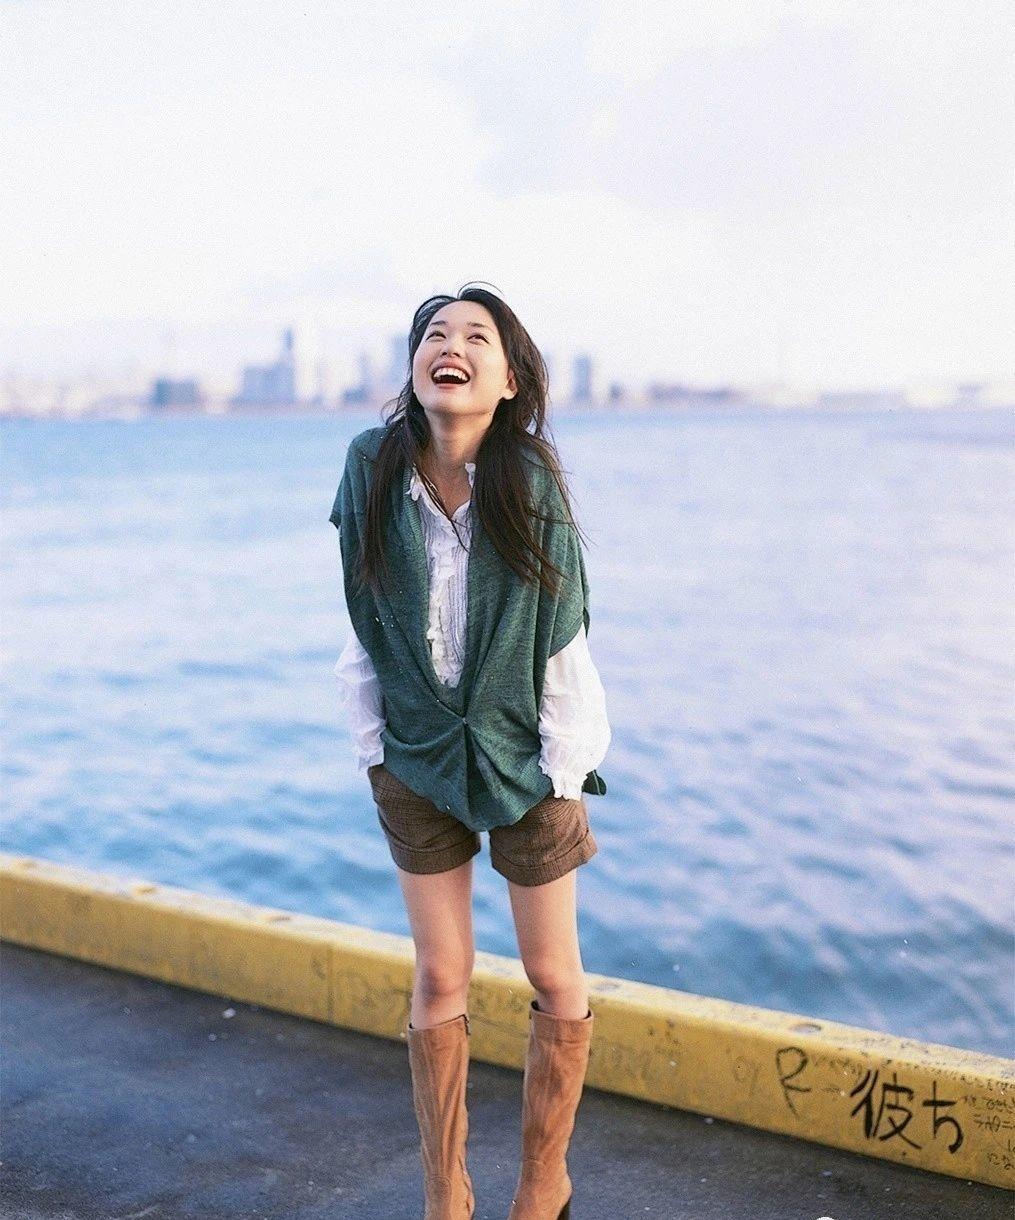 美的不可方物少女时代的户田惠梨香写真作品 (33)